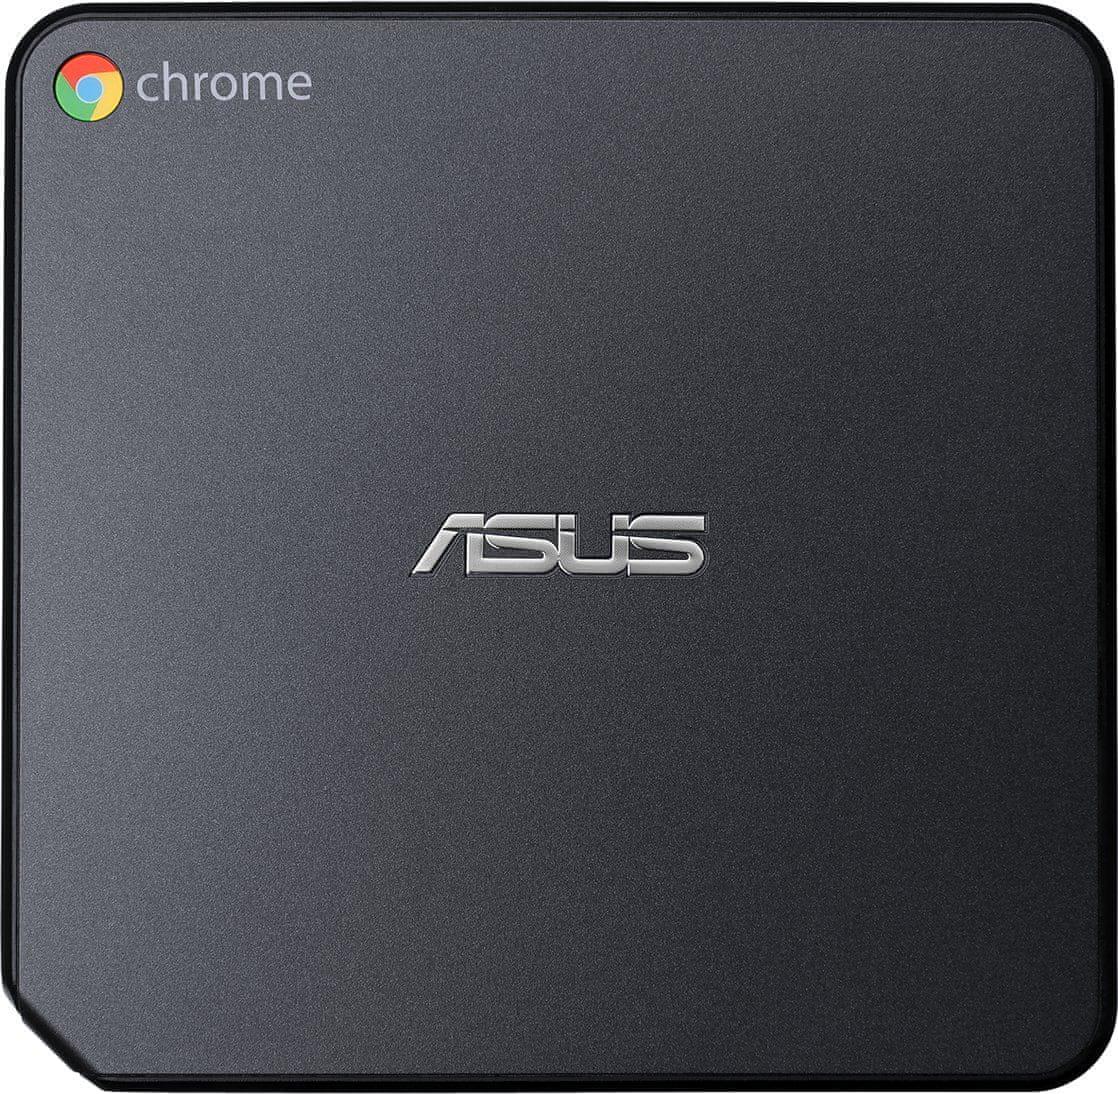 Nejlepší počítač se systémem Chrome OS